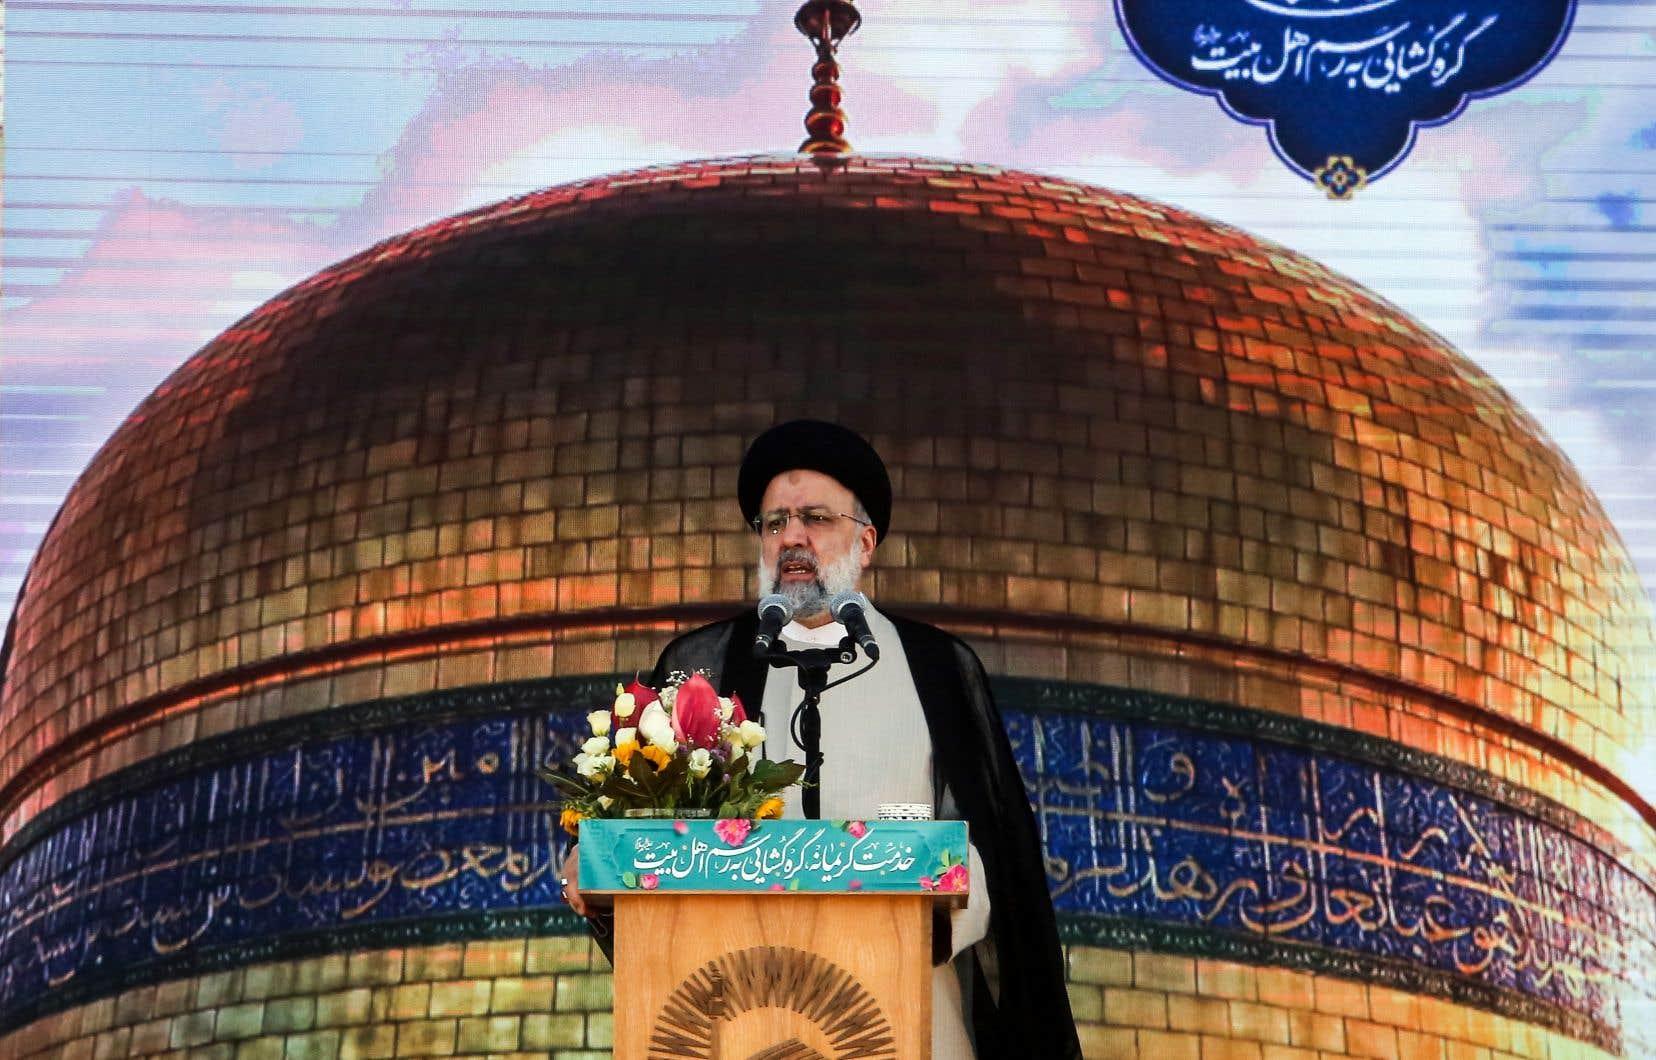 Pour Téhéran et le nouveau président Ebrahim Raïssi, la balle est dans le camp de Paris et de Washington, le gouvernement iranien estimant que le pays «n'a jamais quitté» l'accord, et que ce sont «les États-Unis qui doivent prendre eux-mêmes la décision d'y revenir et de lever les sanctions illégales» contre l'Iran.